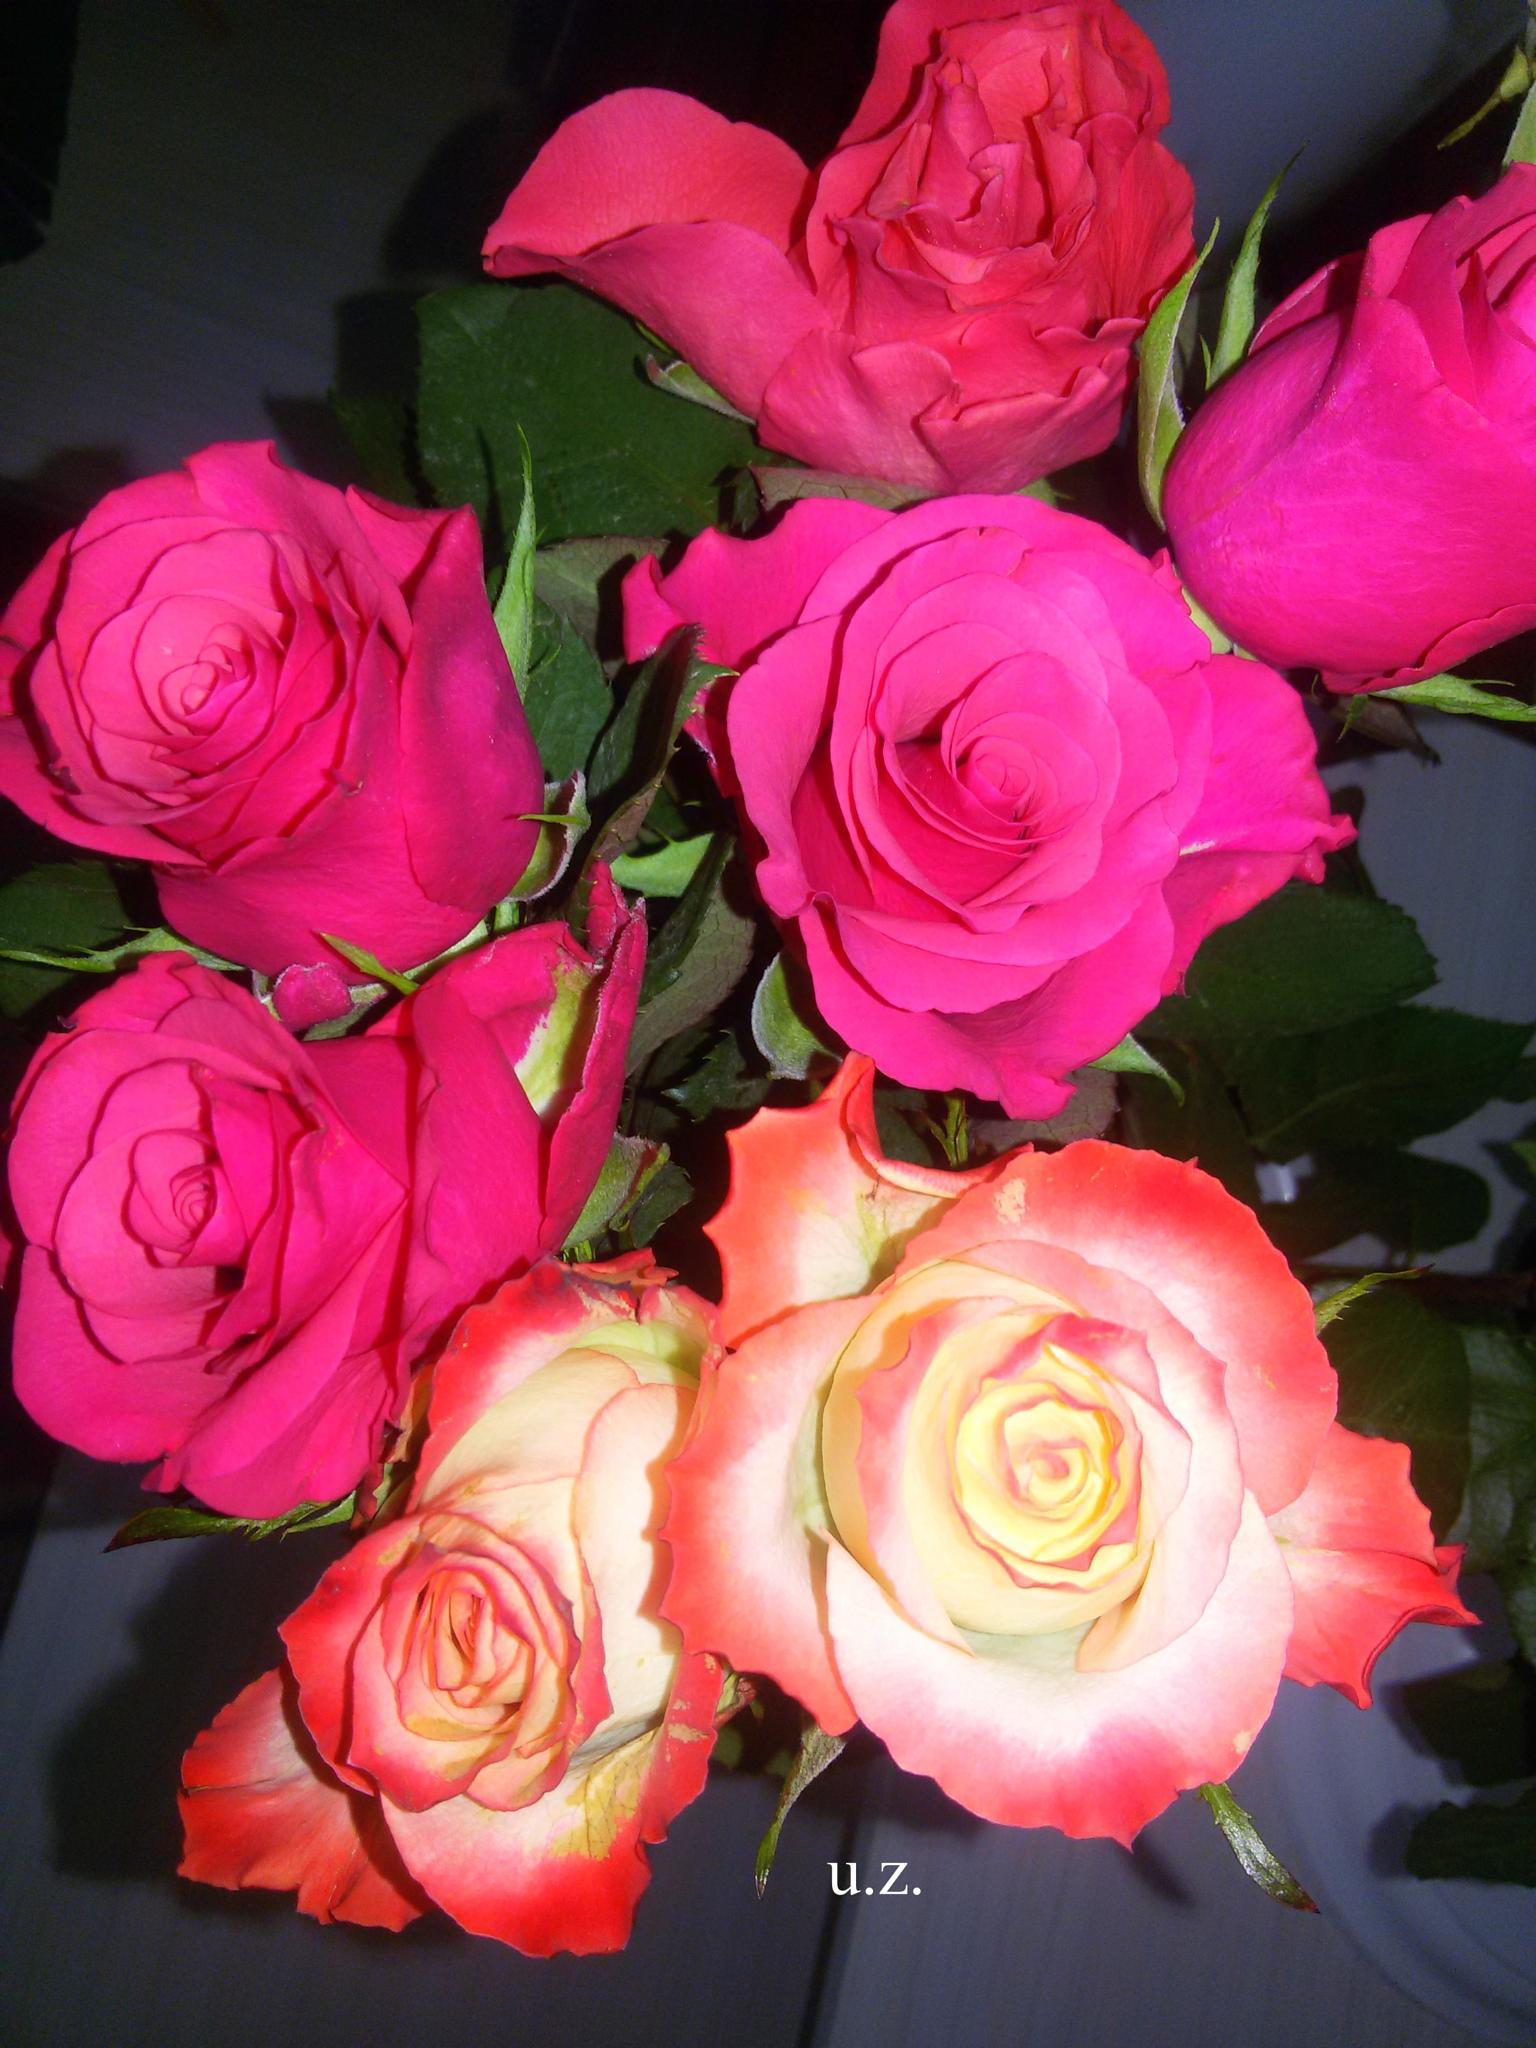 Roses friend by Zita Užkuraitienė